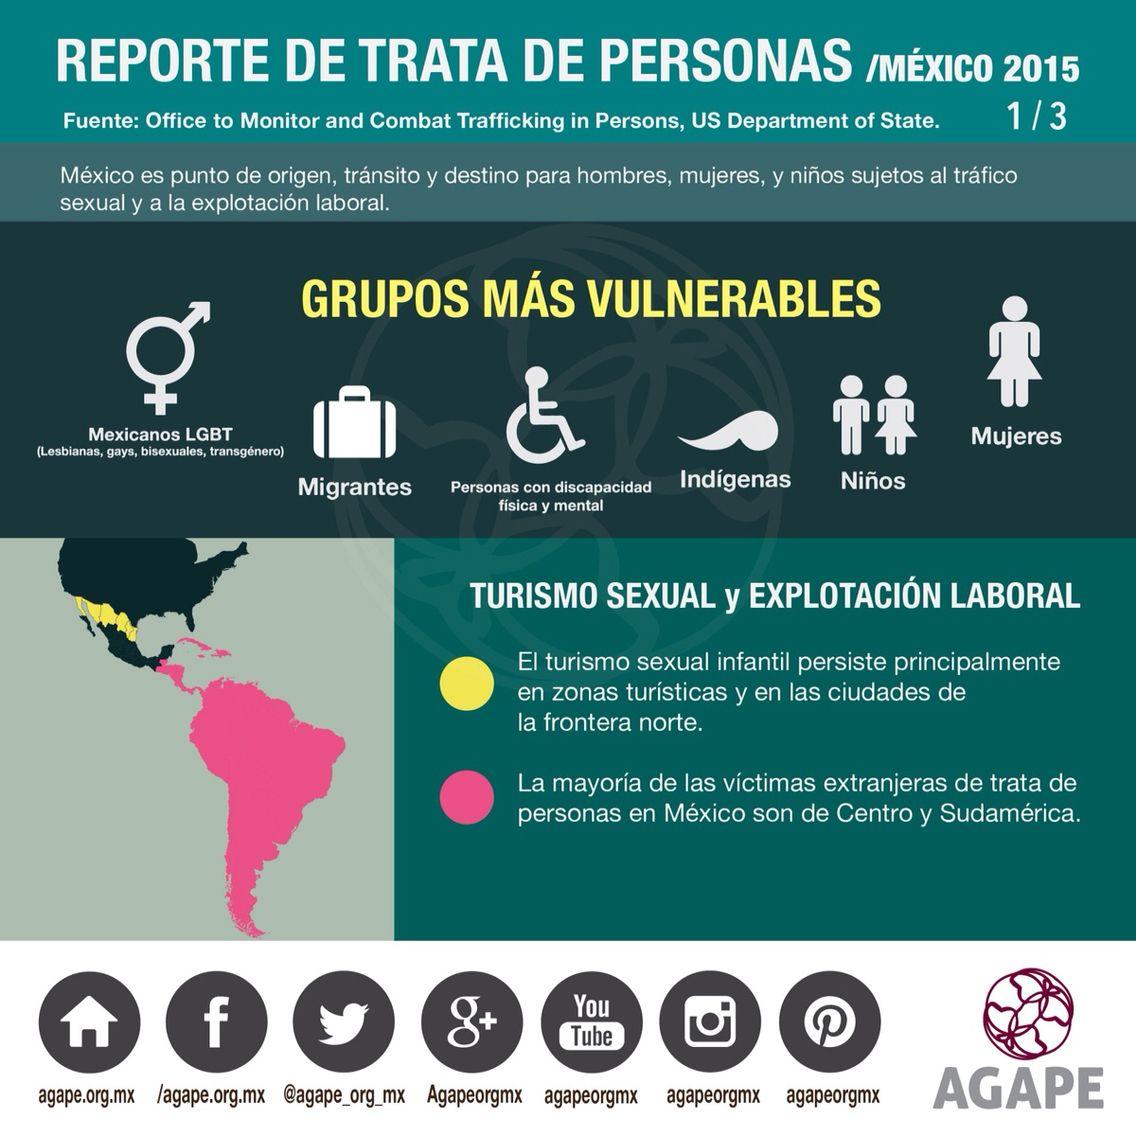 Reporte de trata de personas México 2015 #AGAPE #InfografiaAGAPE #HumanTrafficking #HazConciencia  https://instagram.com/p/6xStfiuWtO/